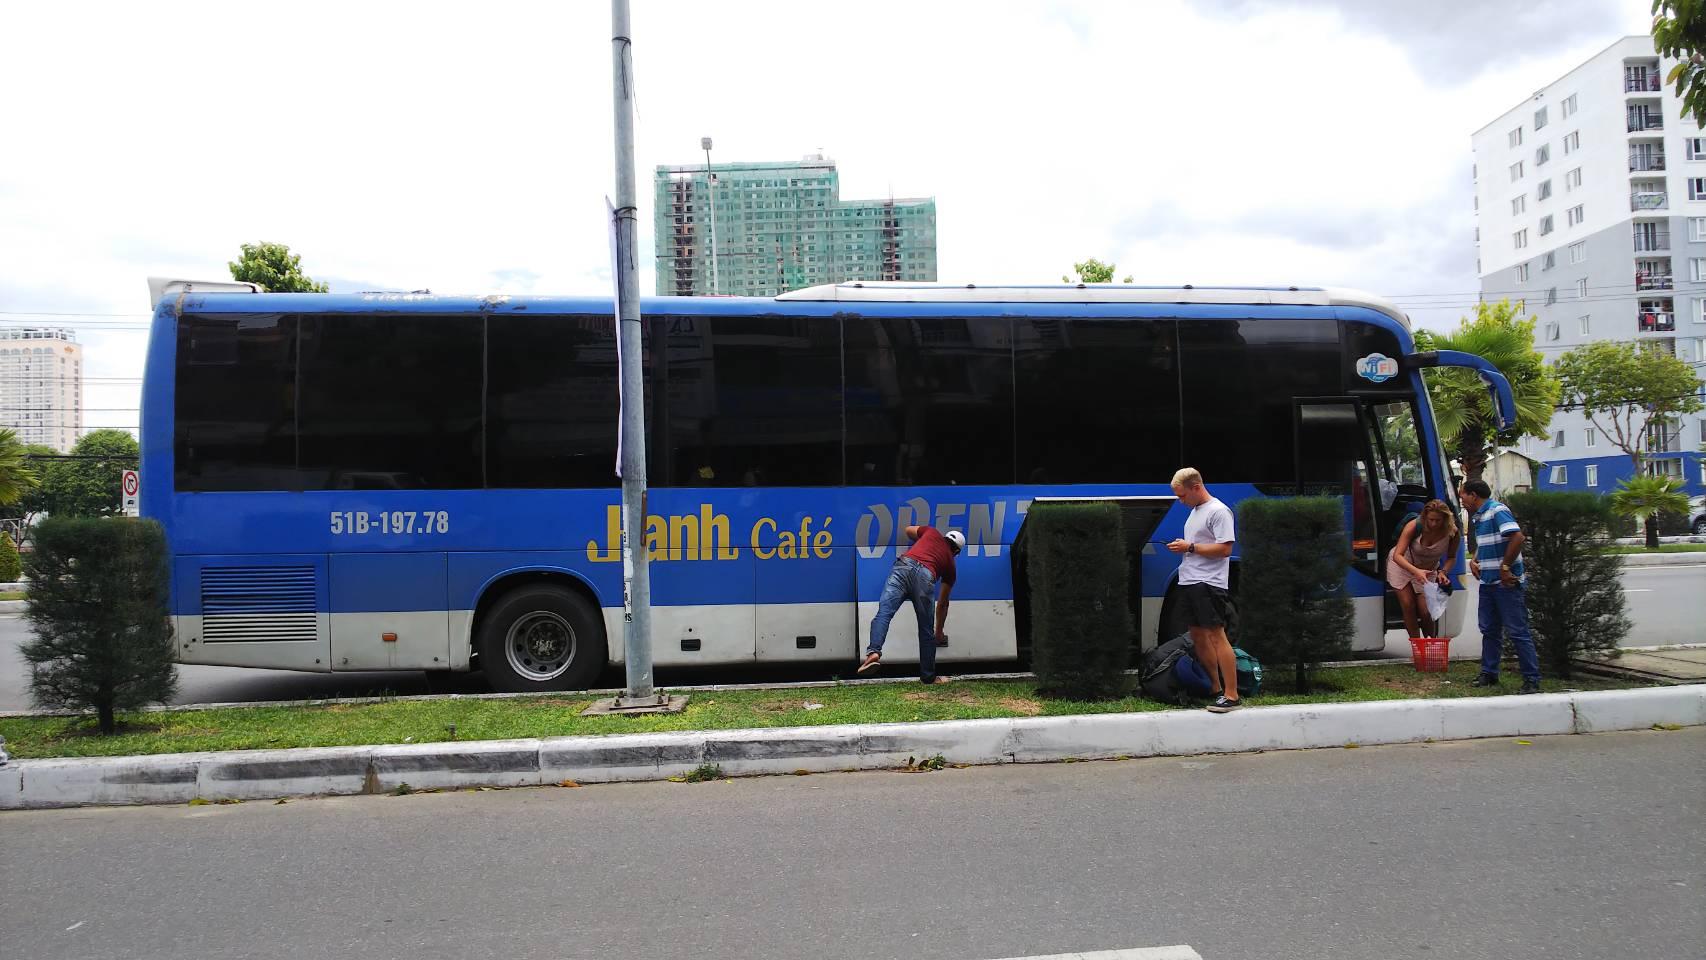 ベトナム縦断(ホーチミン→ハノイ)のオープンバスの徹底解説!